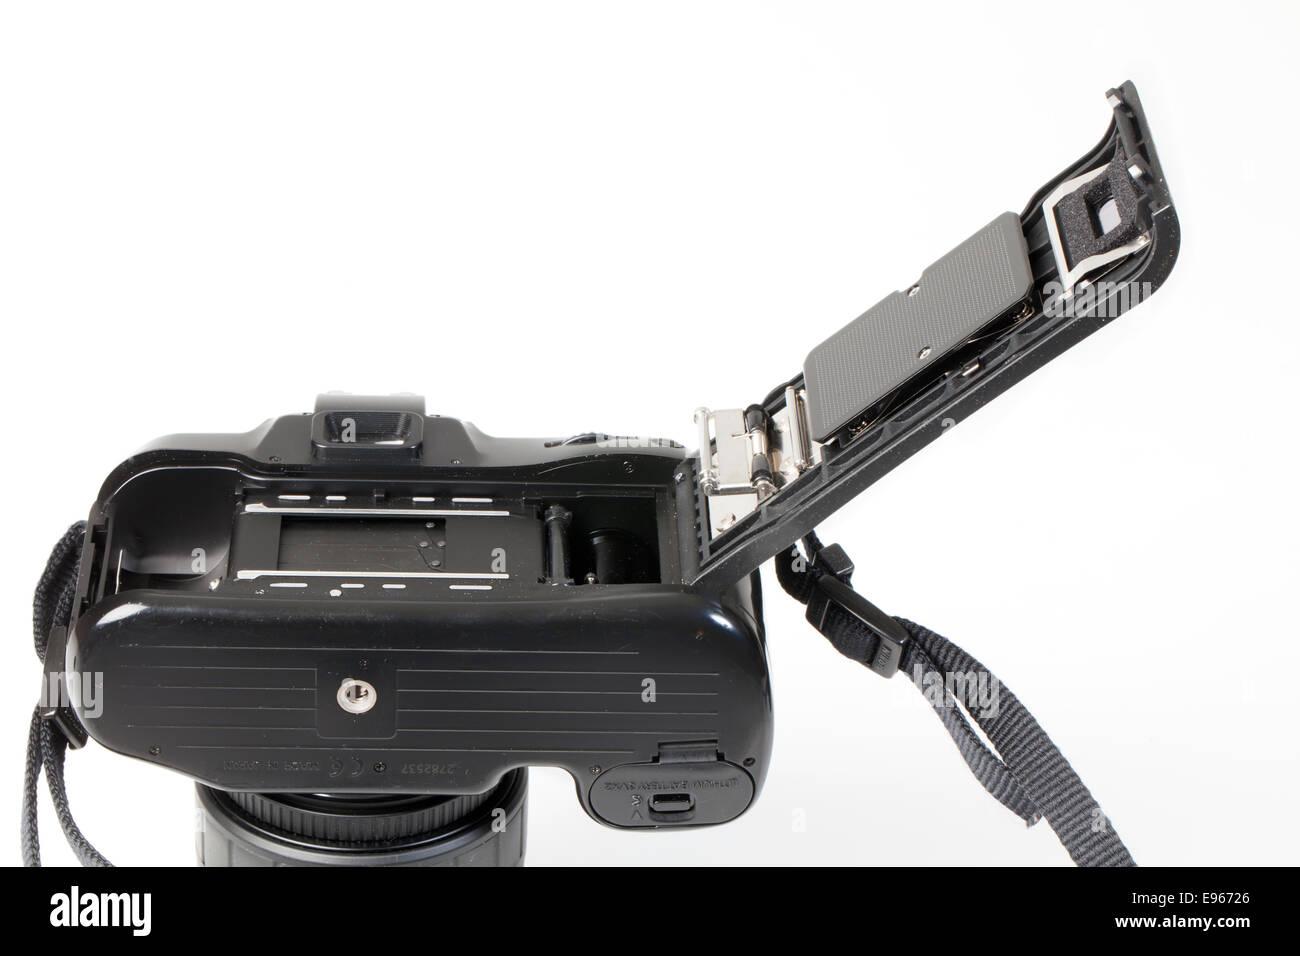 analogue 35mm reflex camera, SLR - Stock Image